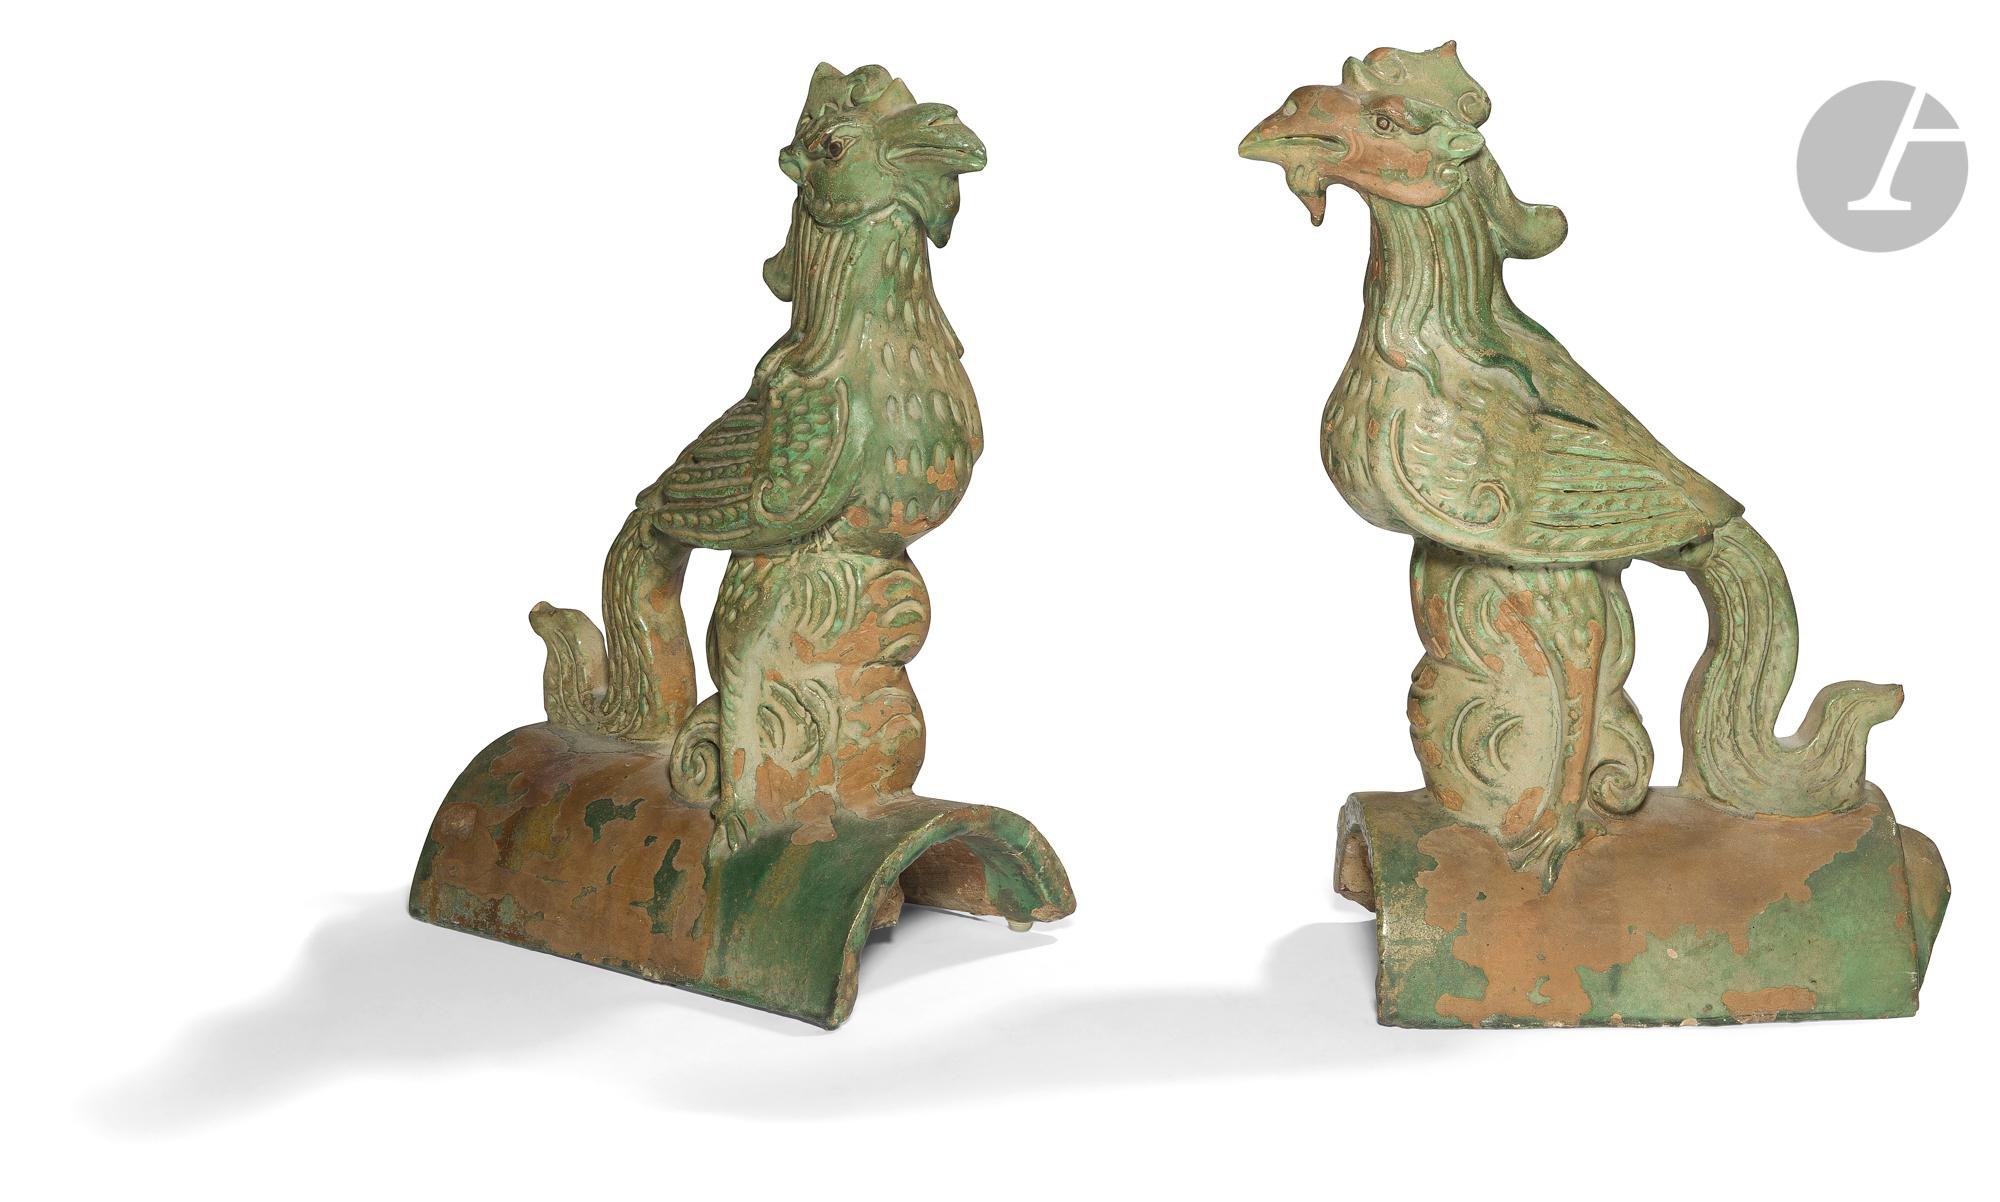 CHINE - Epoque MING (1368 - 1644) Paire de tuiles faîtières en grès émaillé vert formant deux phénix